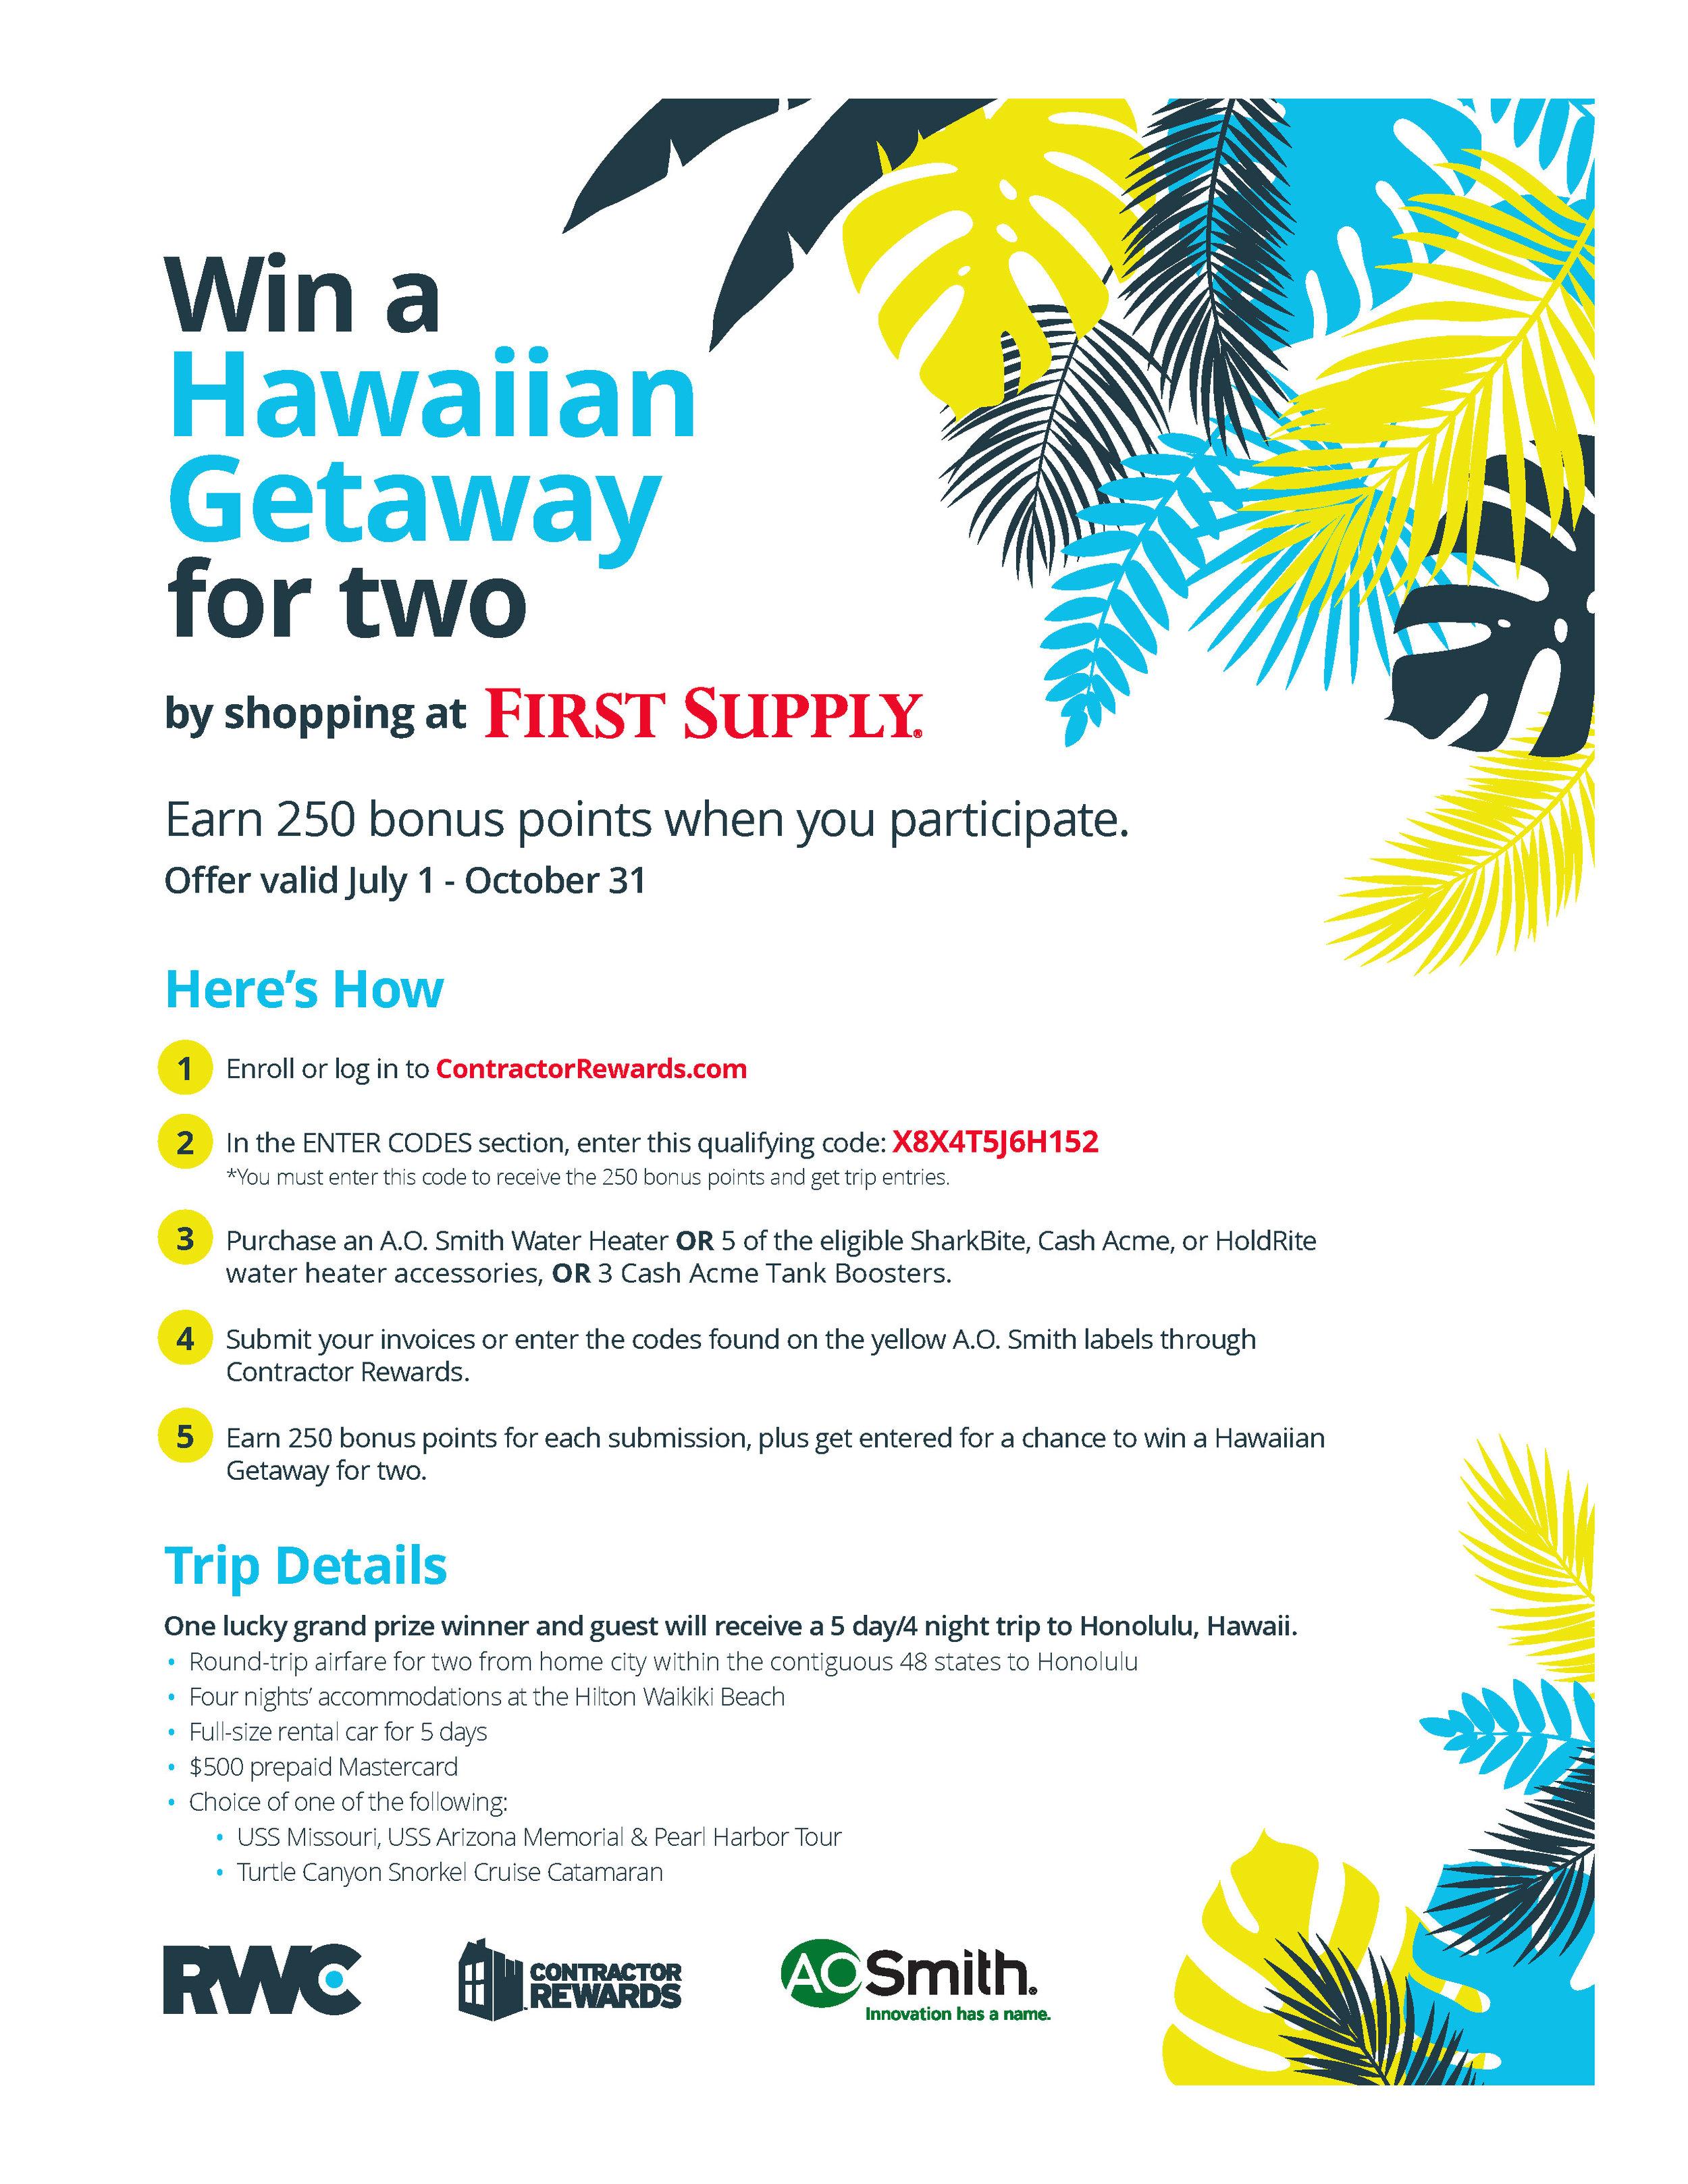 FS-Win-Hawaiian-Getaway-RWC-AOS-2019.jpg